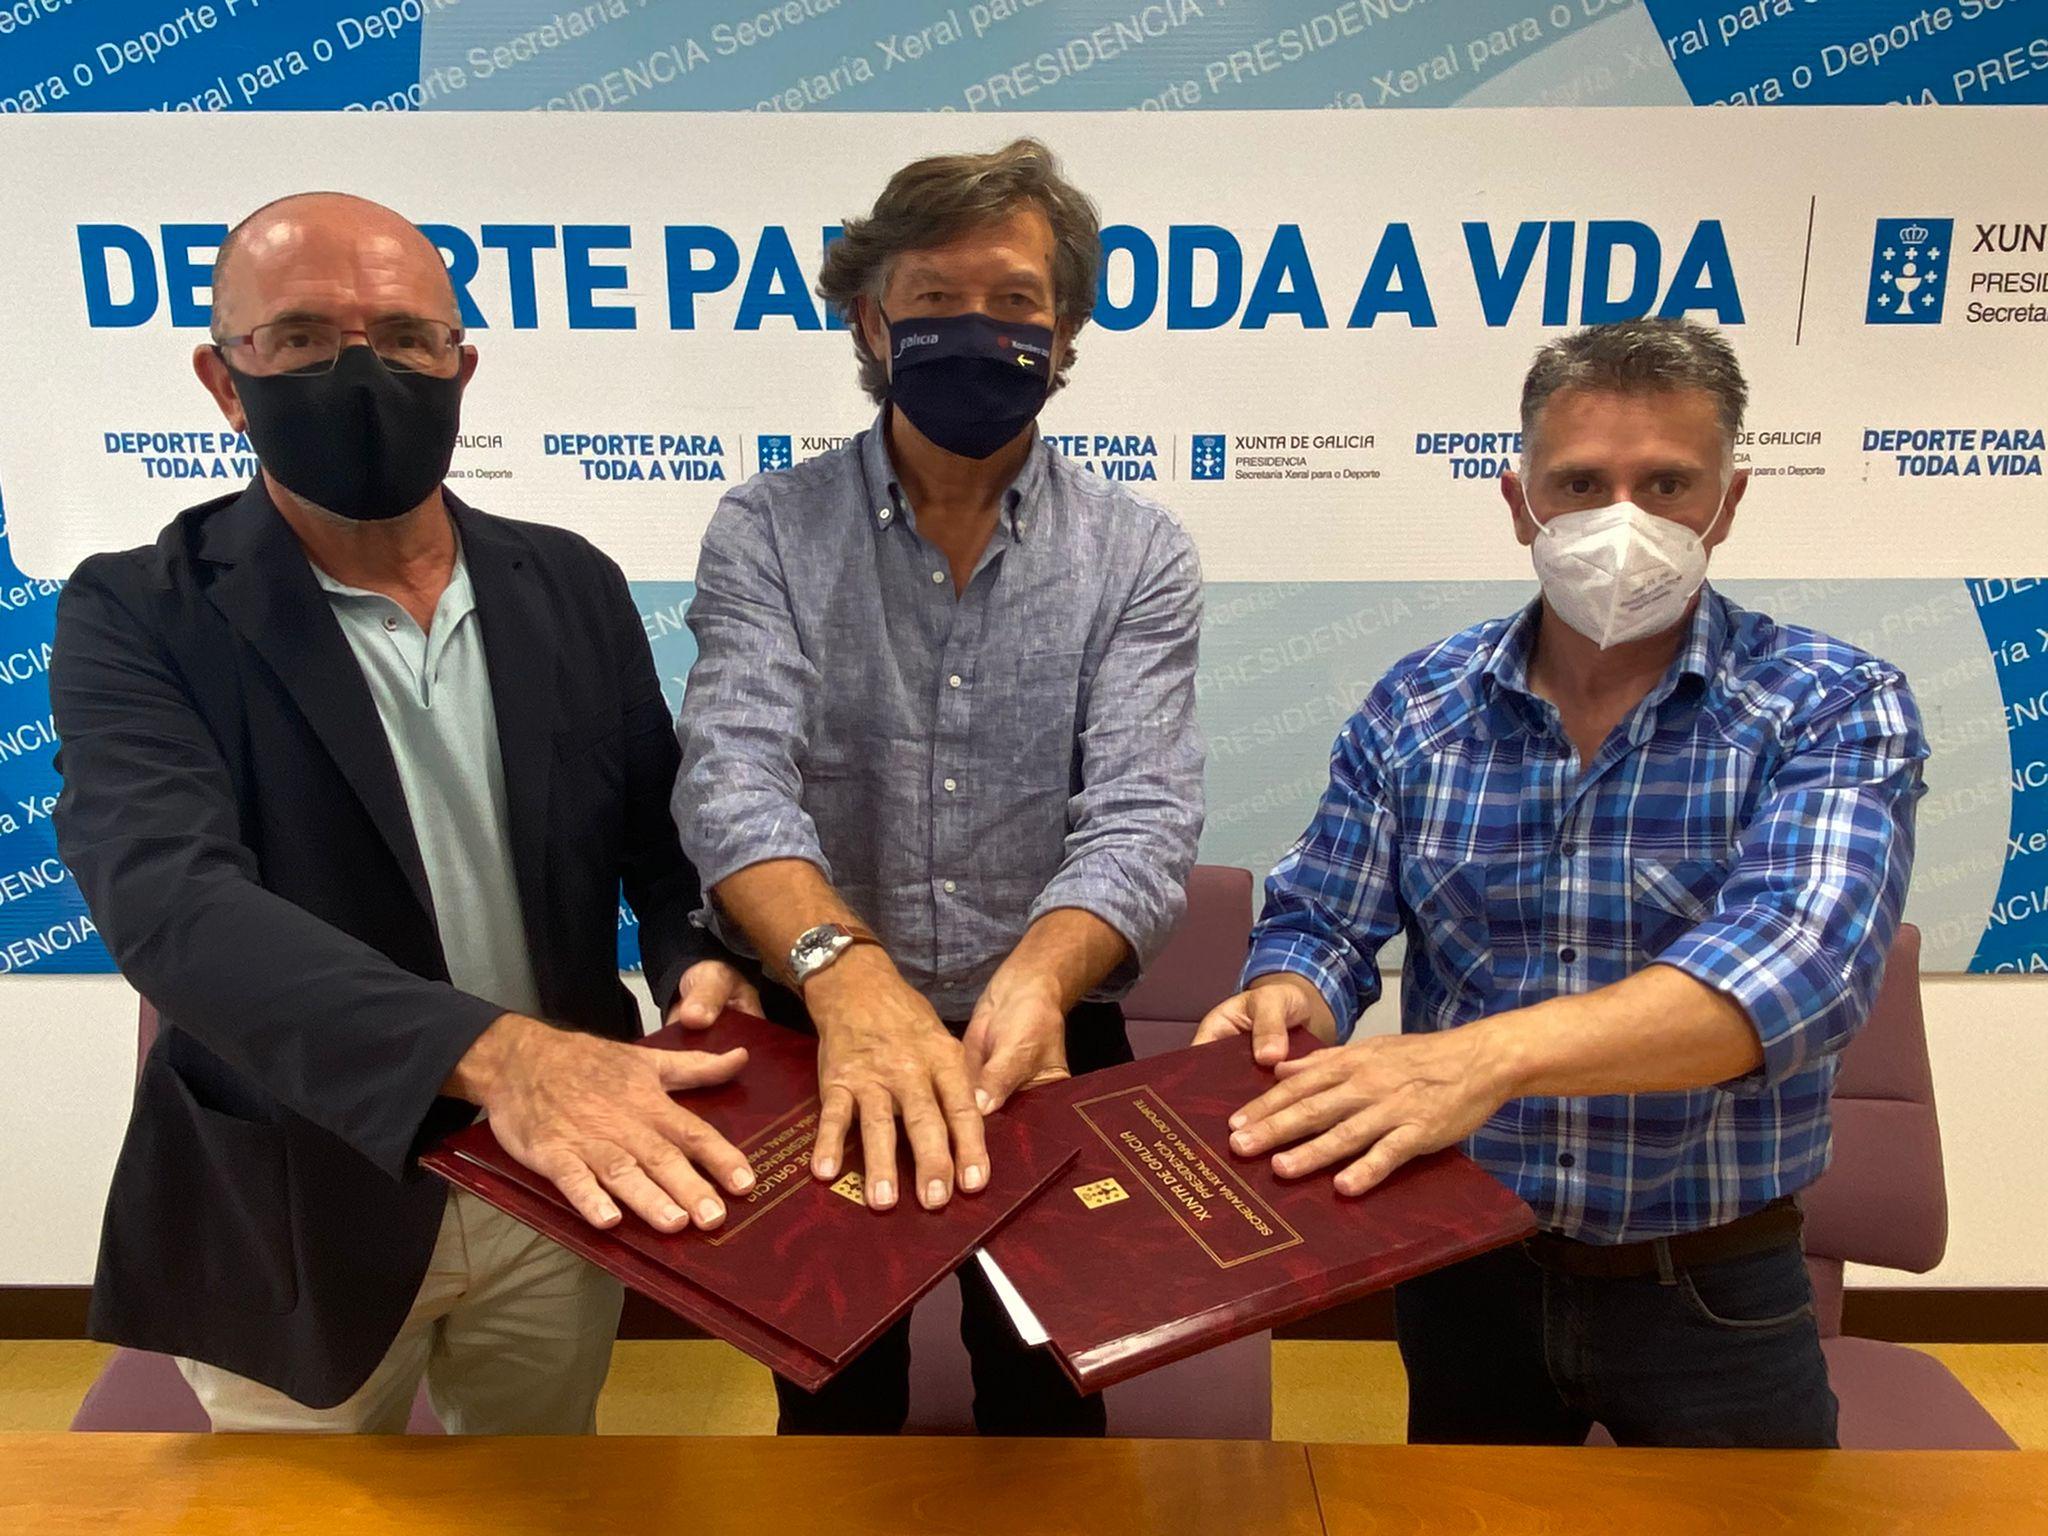 verducido Lete Lasa, xunto ao presidente da RFEP Pedro Pablo Barrios, e o da a Federación Galega, José Alfredo Bea, na sinatura / XUNTA DE GALICIA